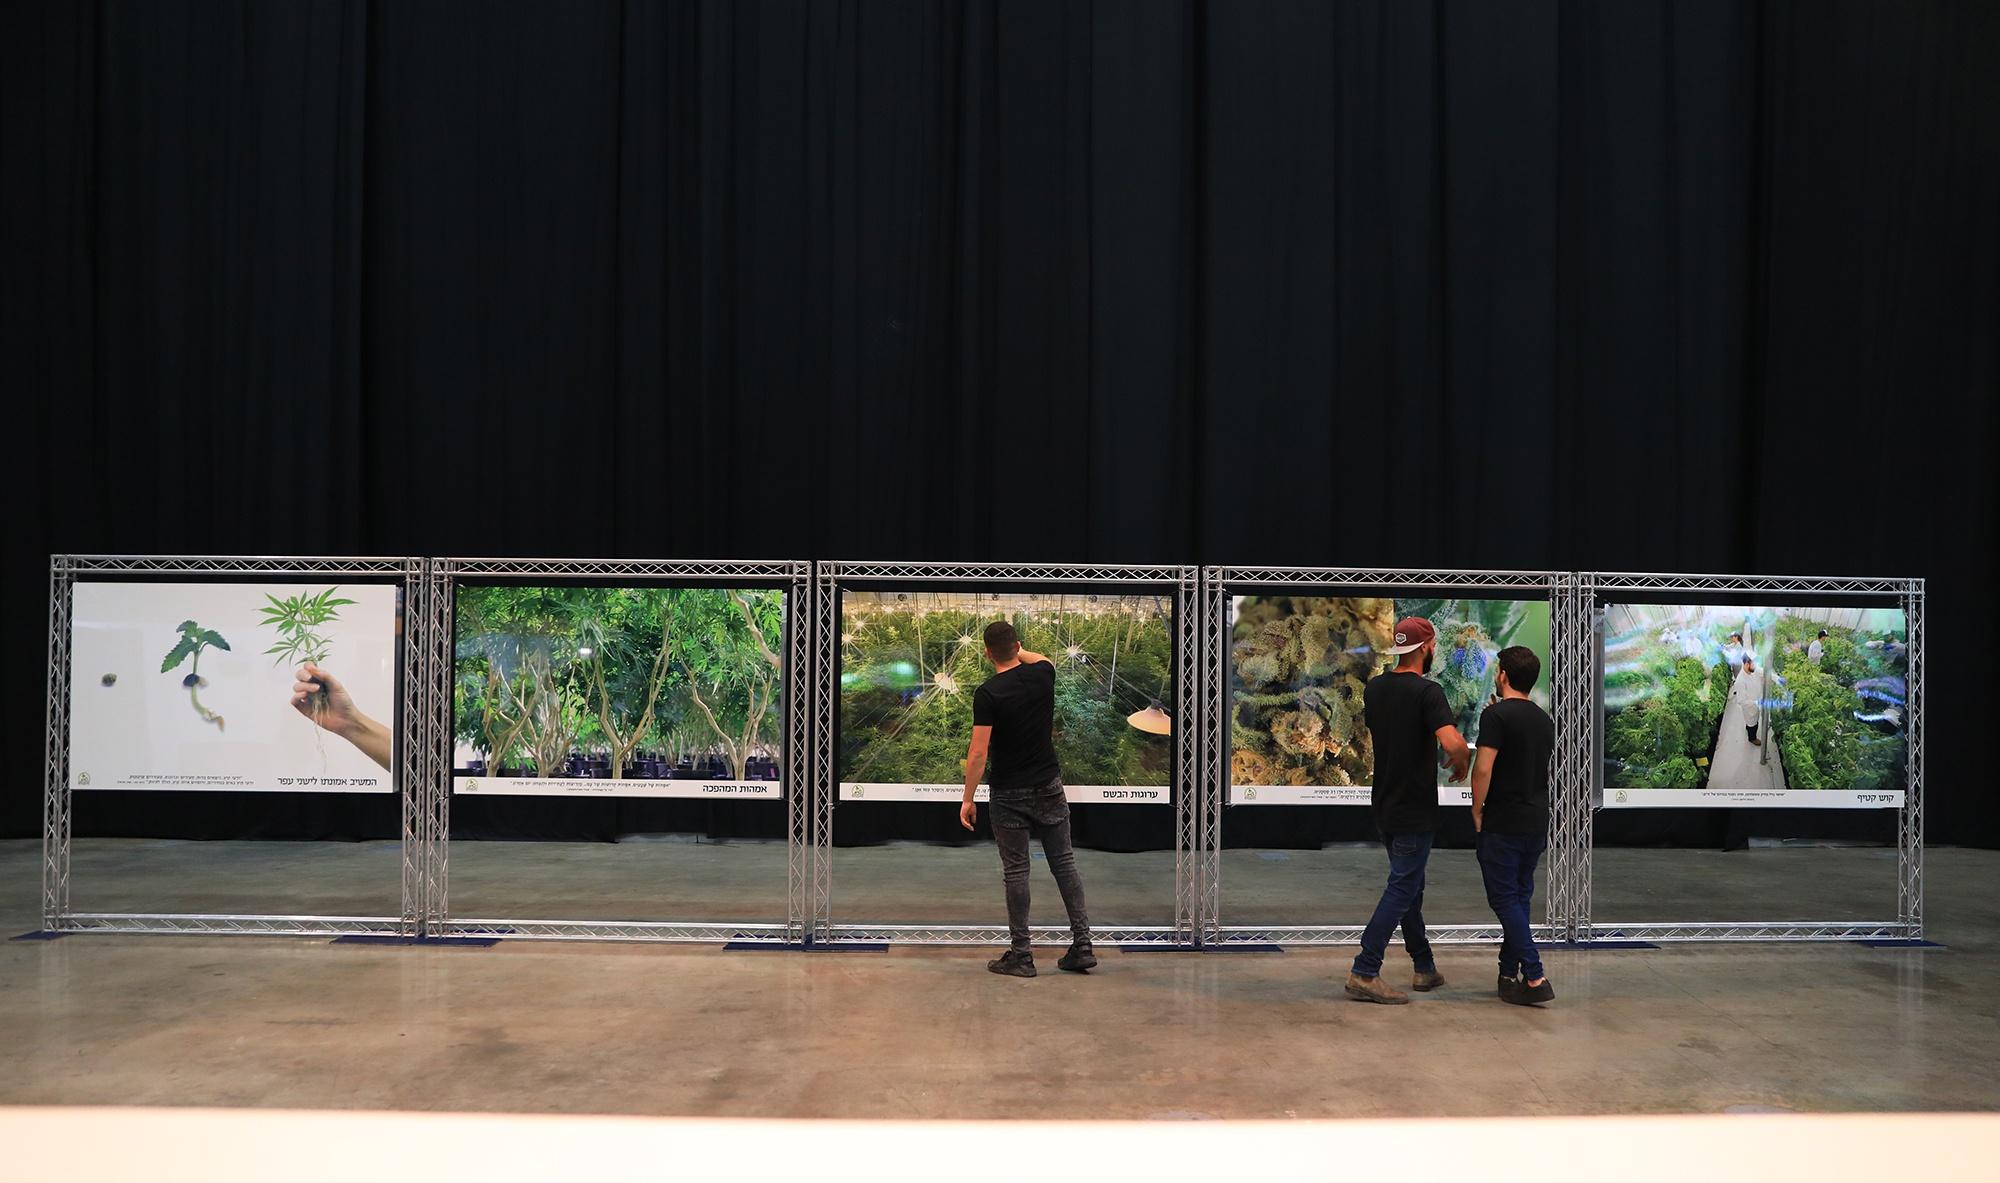 תערוכת צילומי קנאביס בגני התערוכה תל אביב (צילום: מור ברנשטיין)